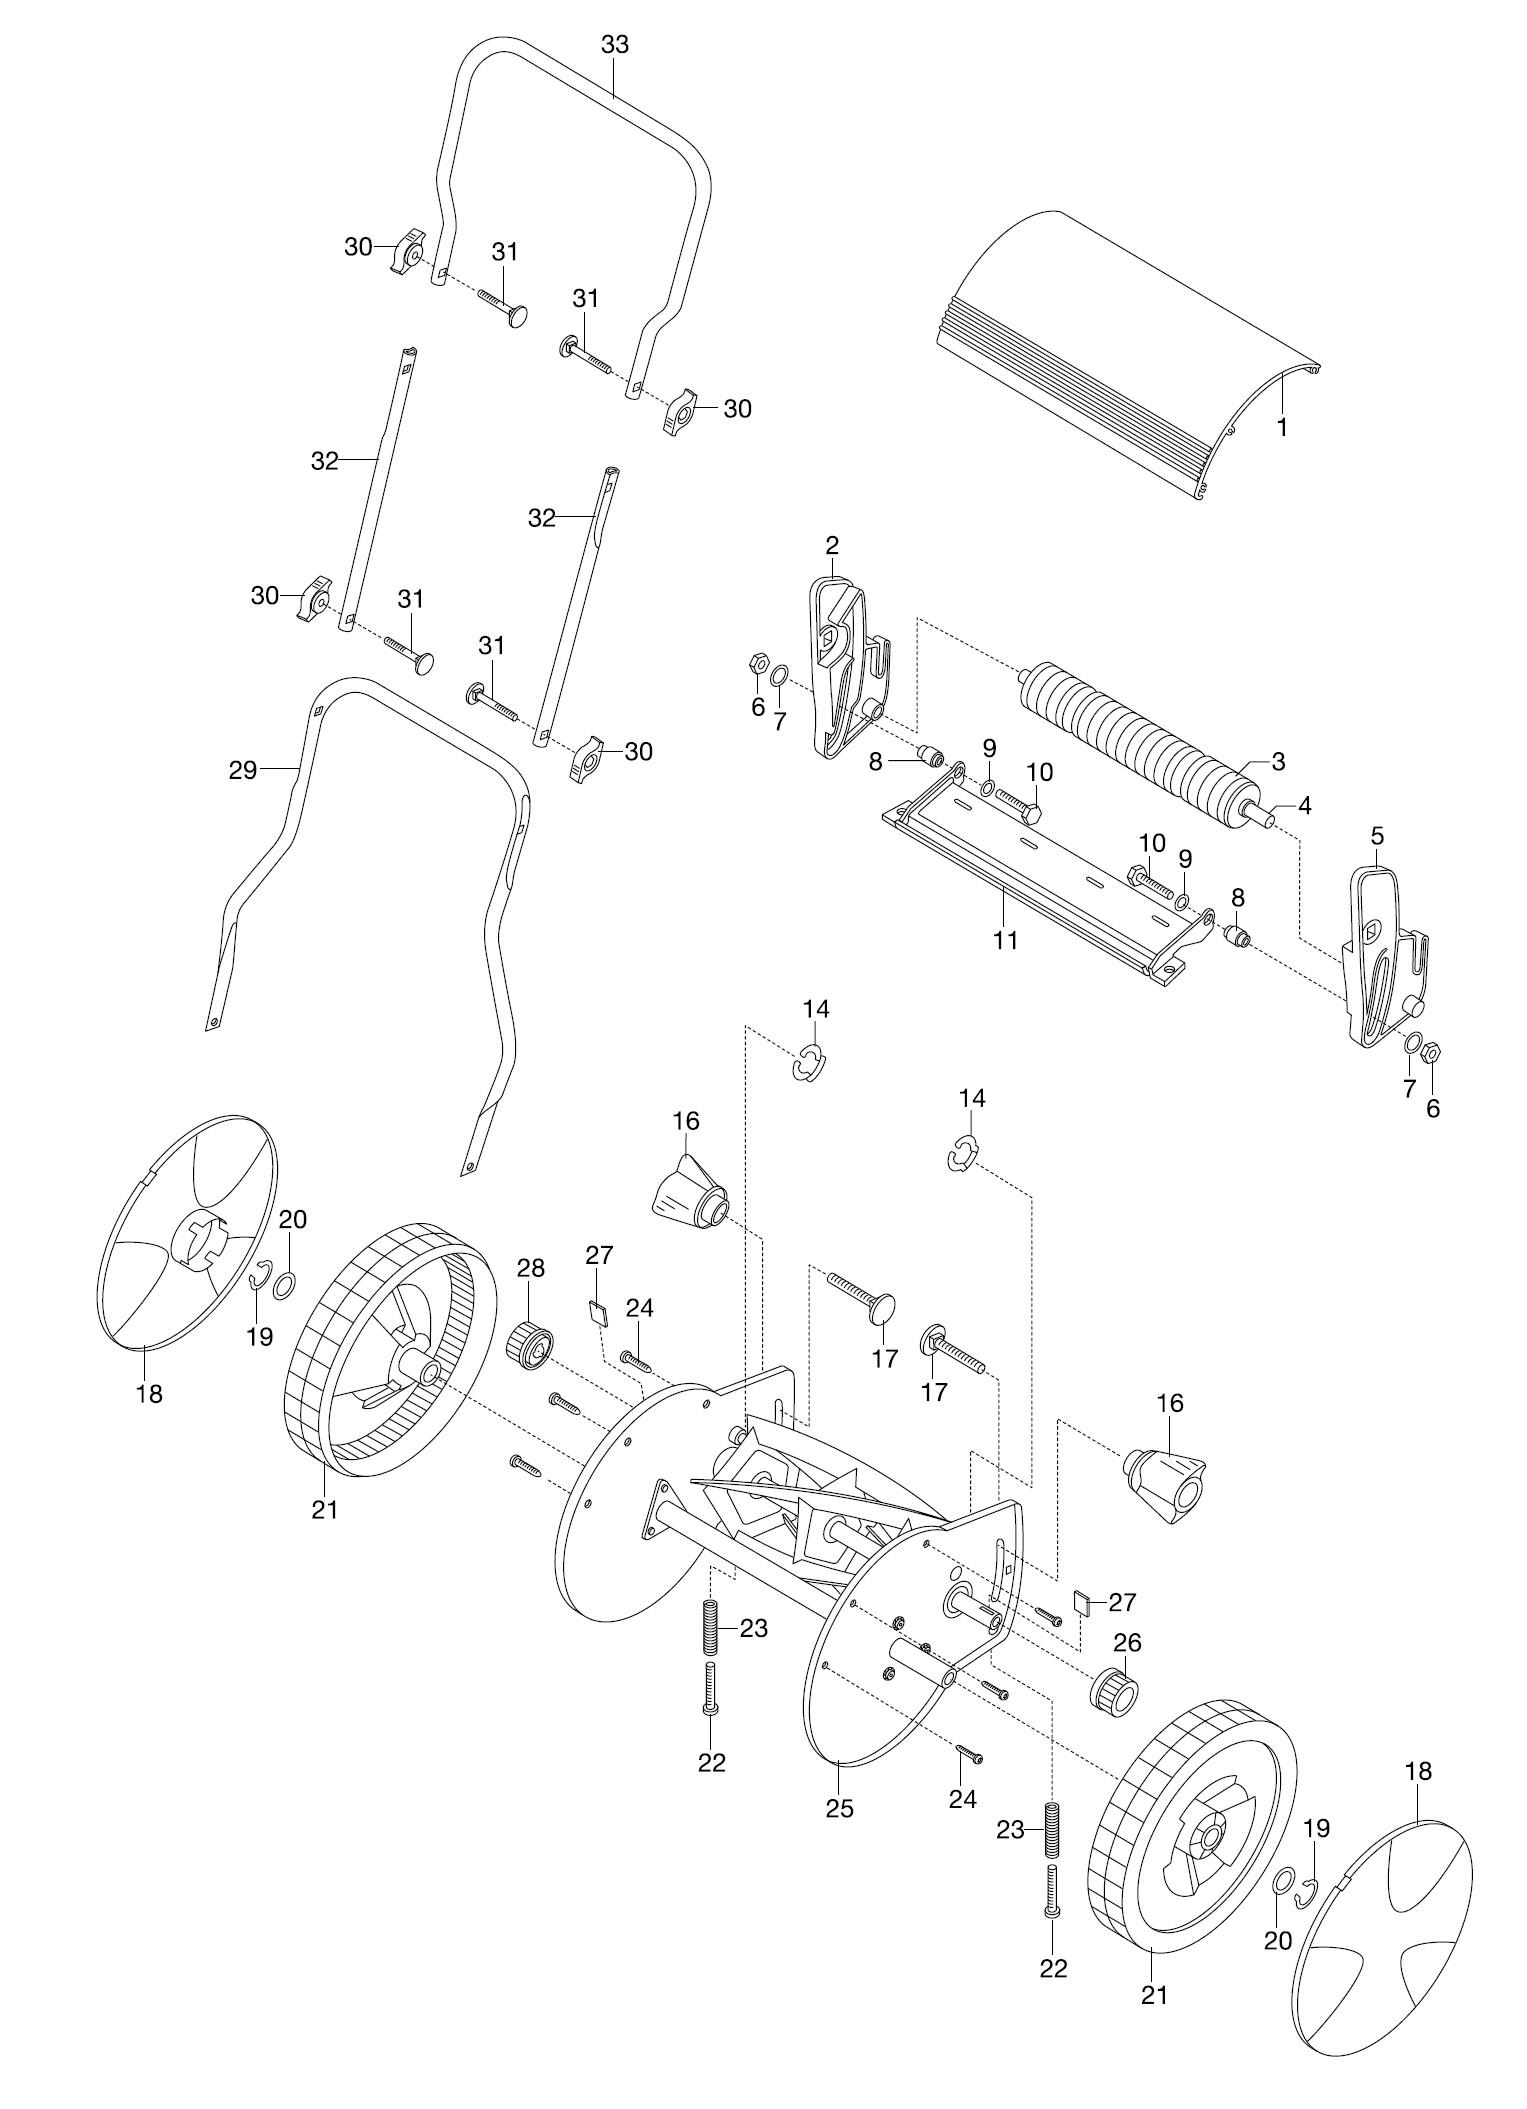 gardena ersatzteile spindelm her 300 4020 ersatzteil fee. Black Bedroom Furniture Sets. Home Design Ideas